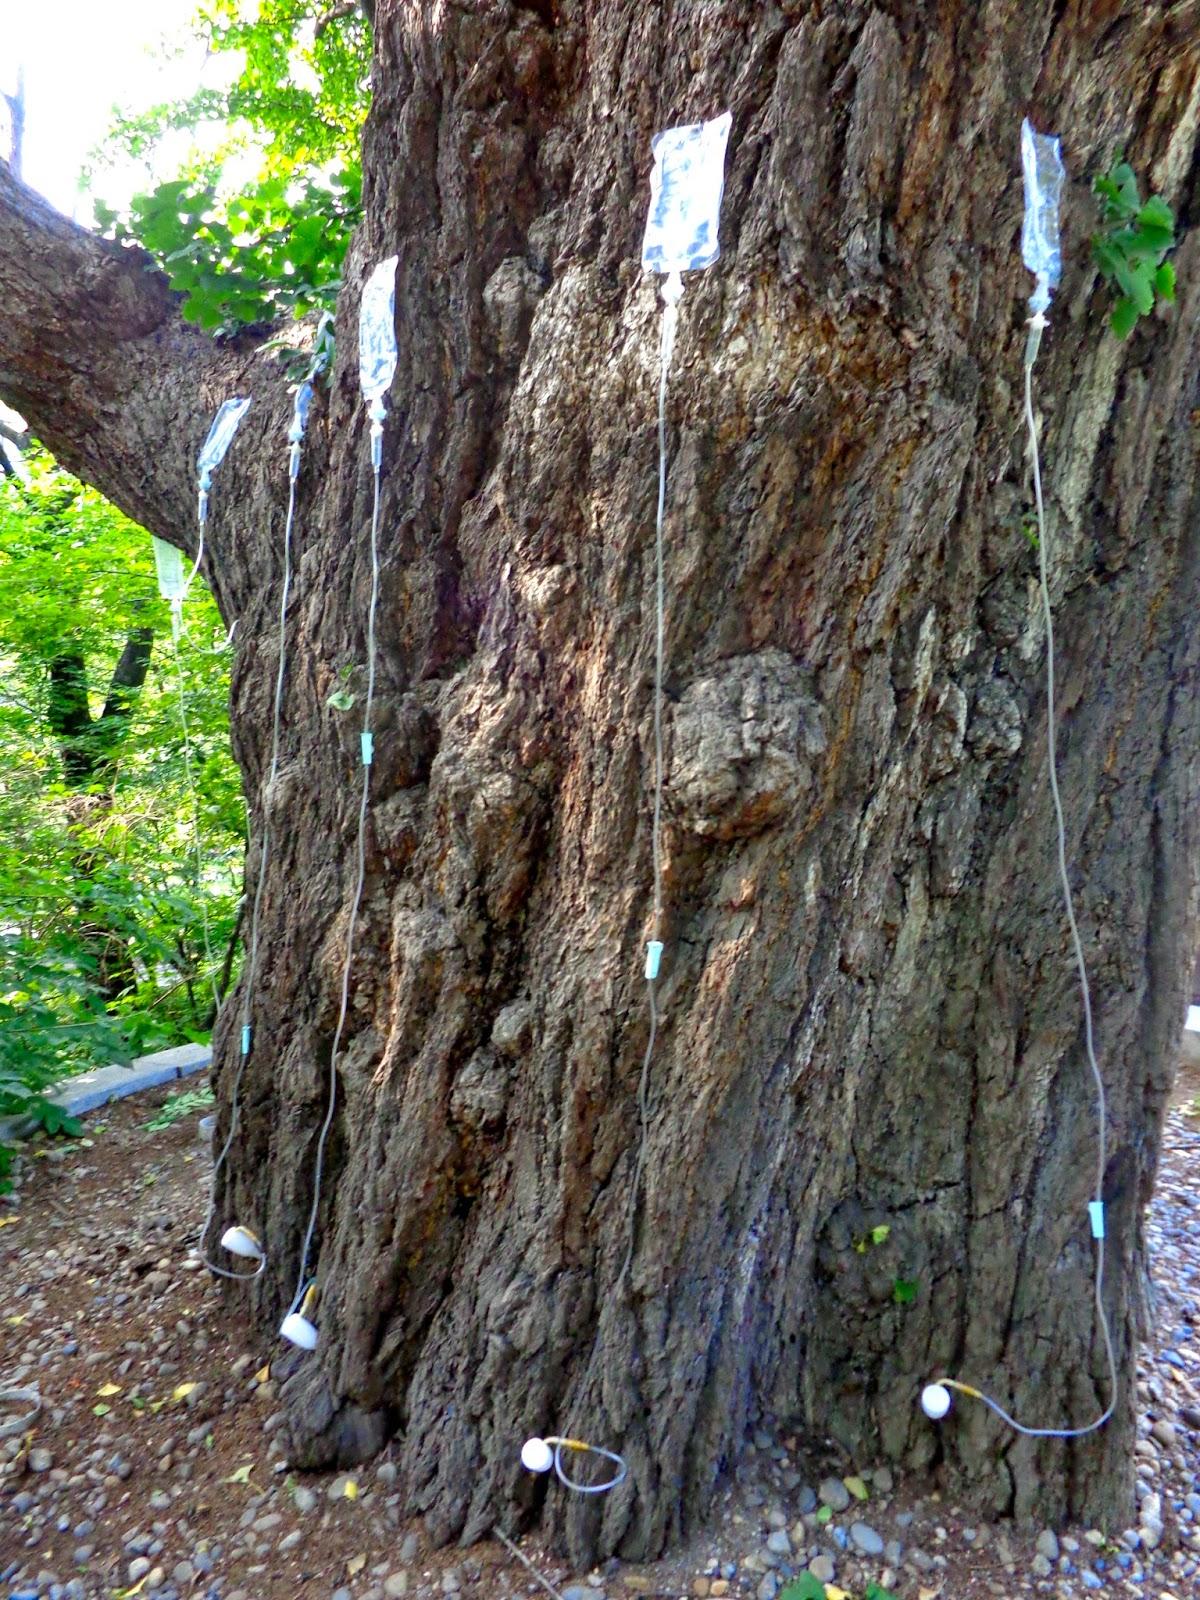 Tree with IVs Korea